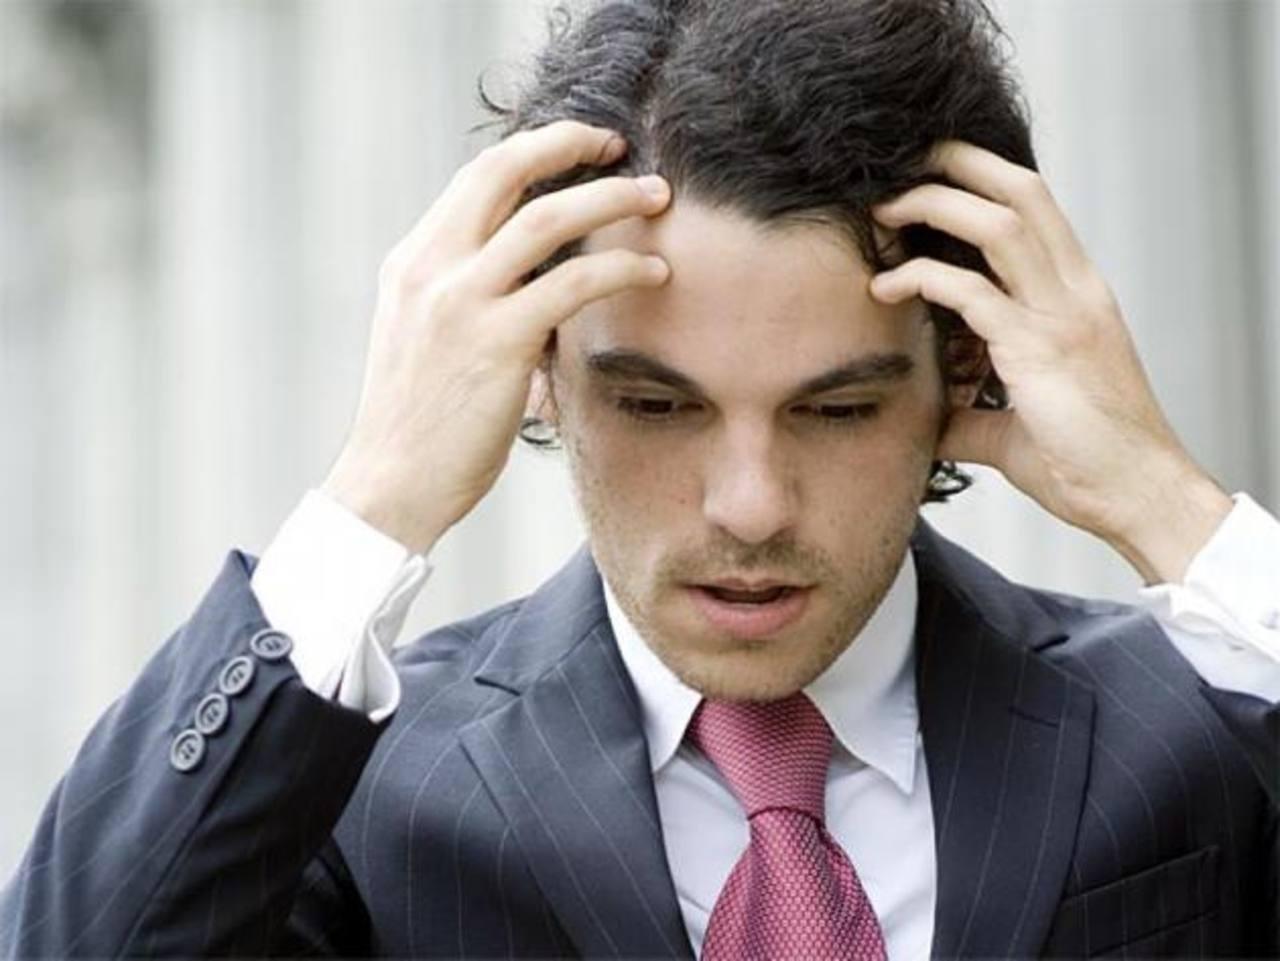 Insomnio, palpitaciones y los cambios bruscos de humor y comportamiento son solo algunos síntomas frecuentes del estrés pos traumático. Foto